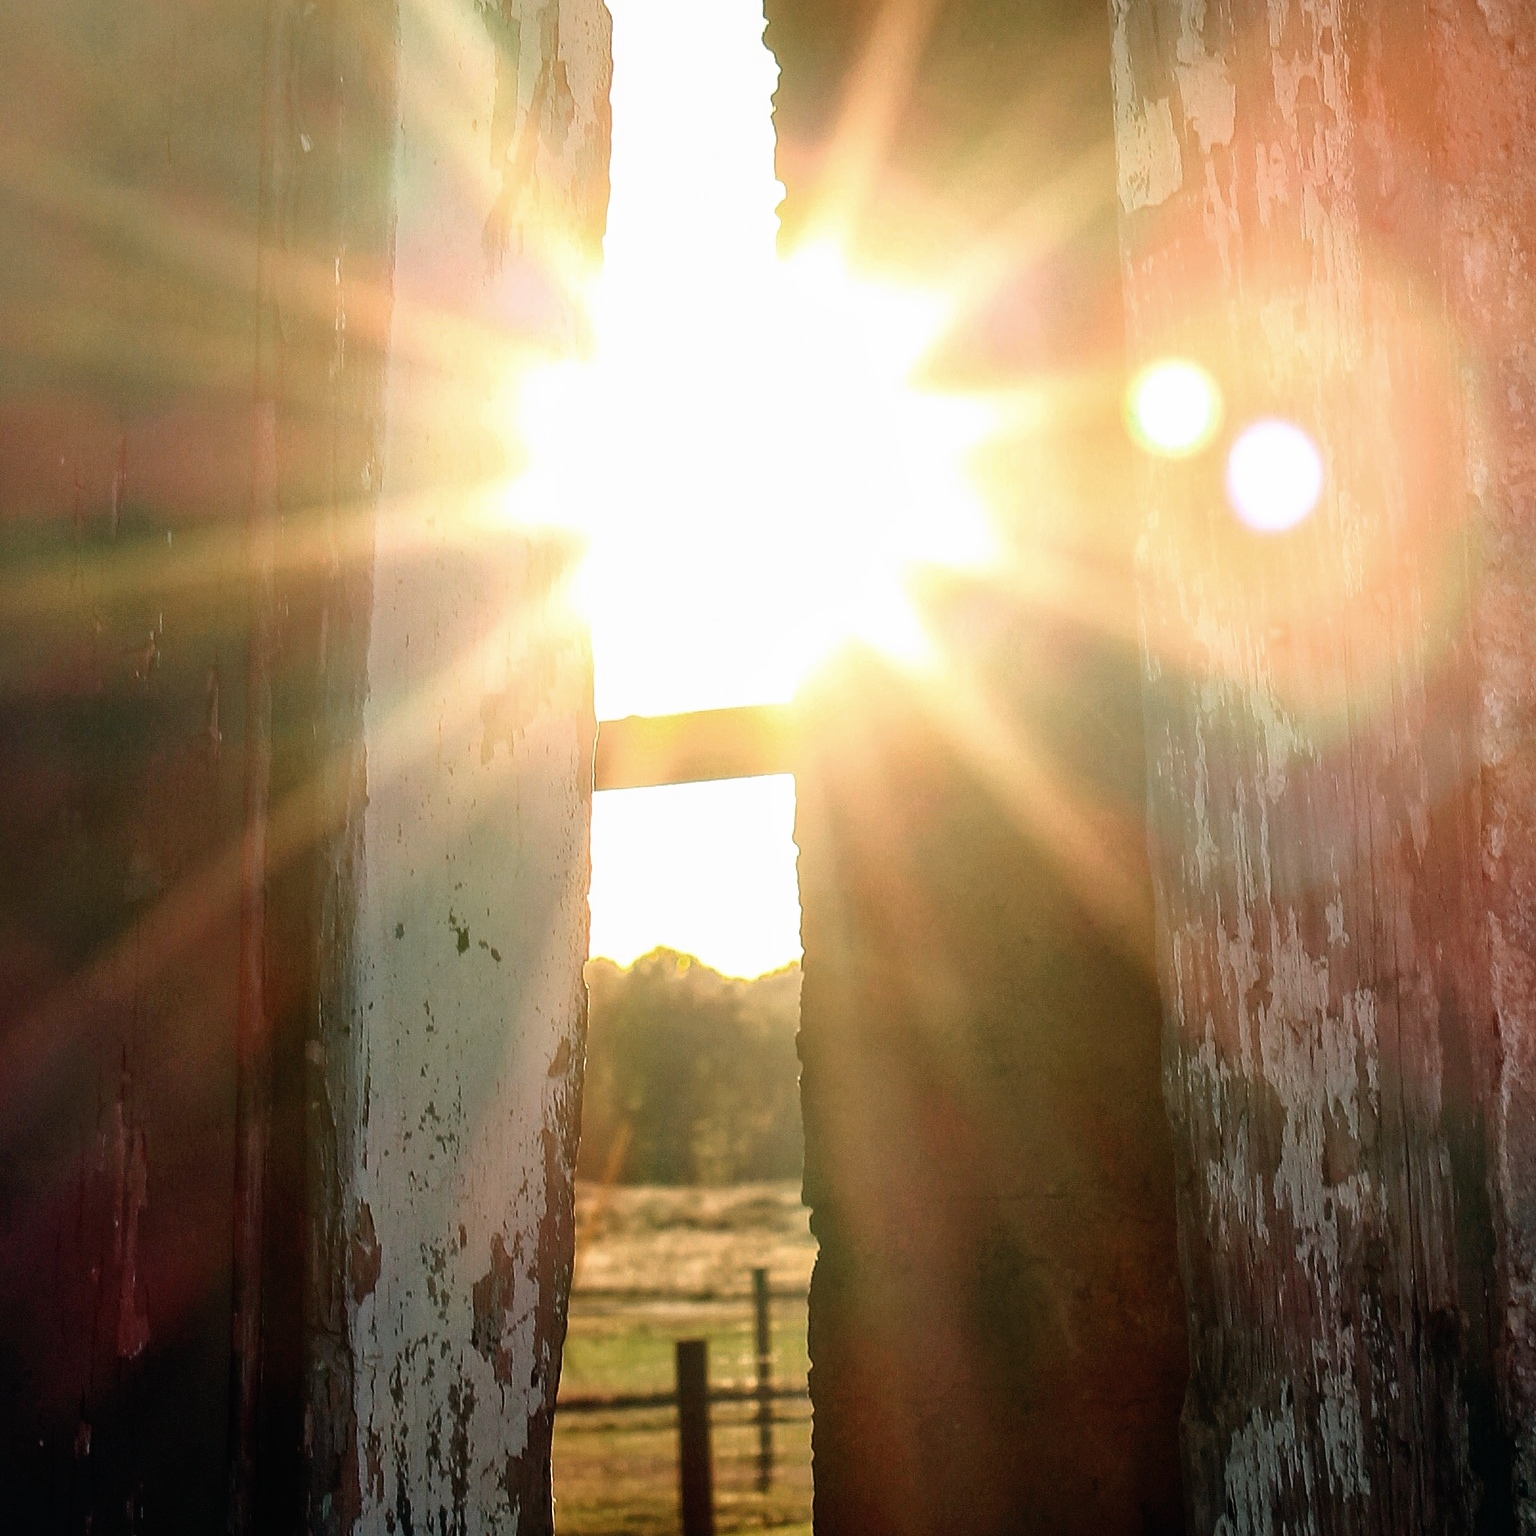 You Are My Sunshine, Copyright (c) livethefinelife.com